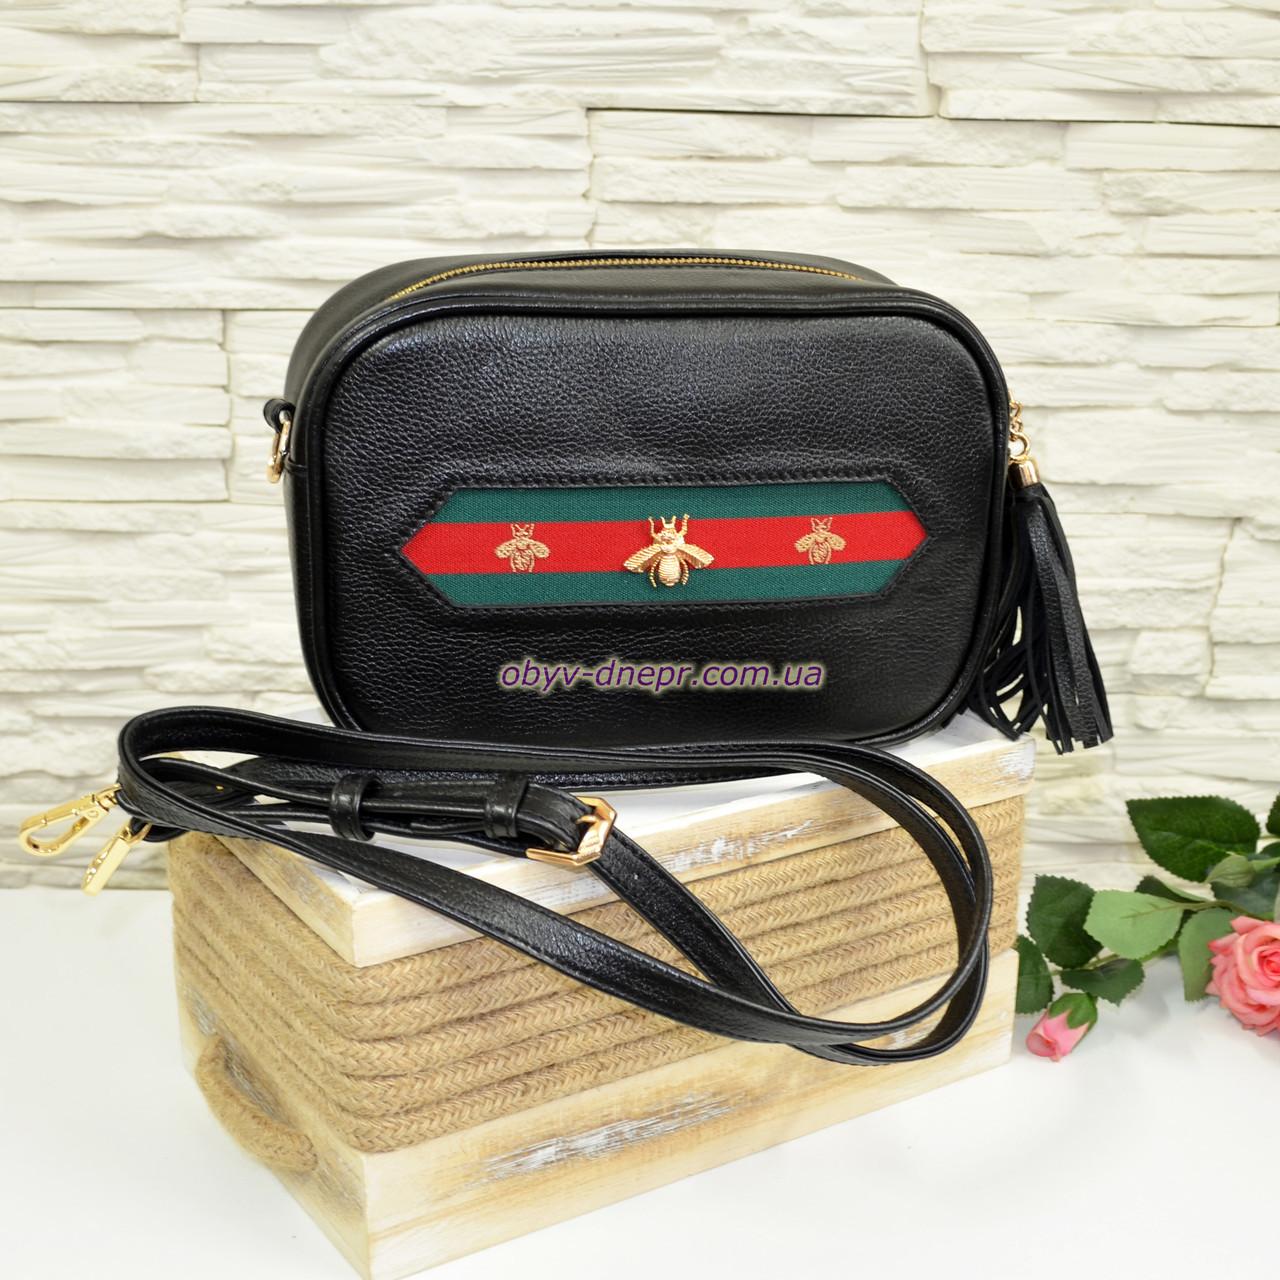 Кожаная черная женская сумка, ручная робота. Производство Украина